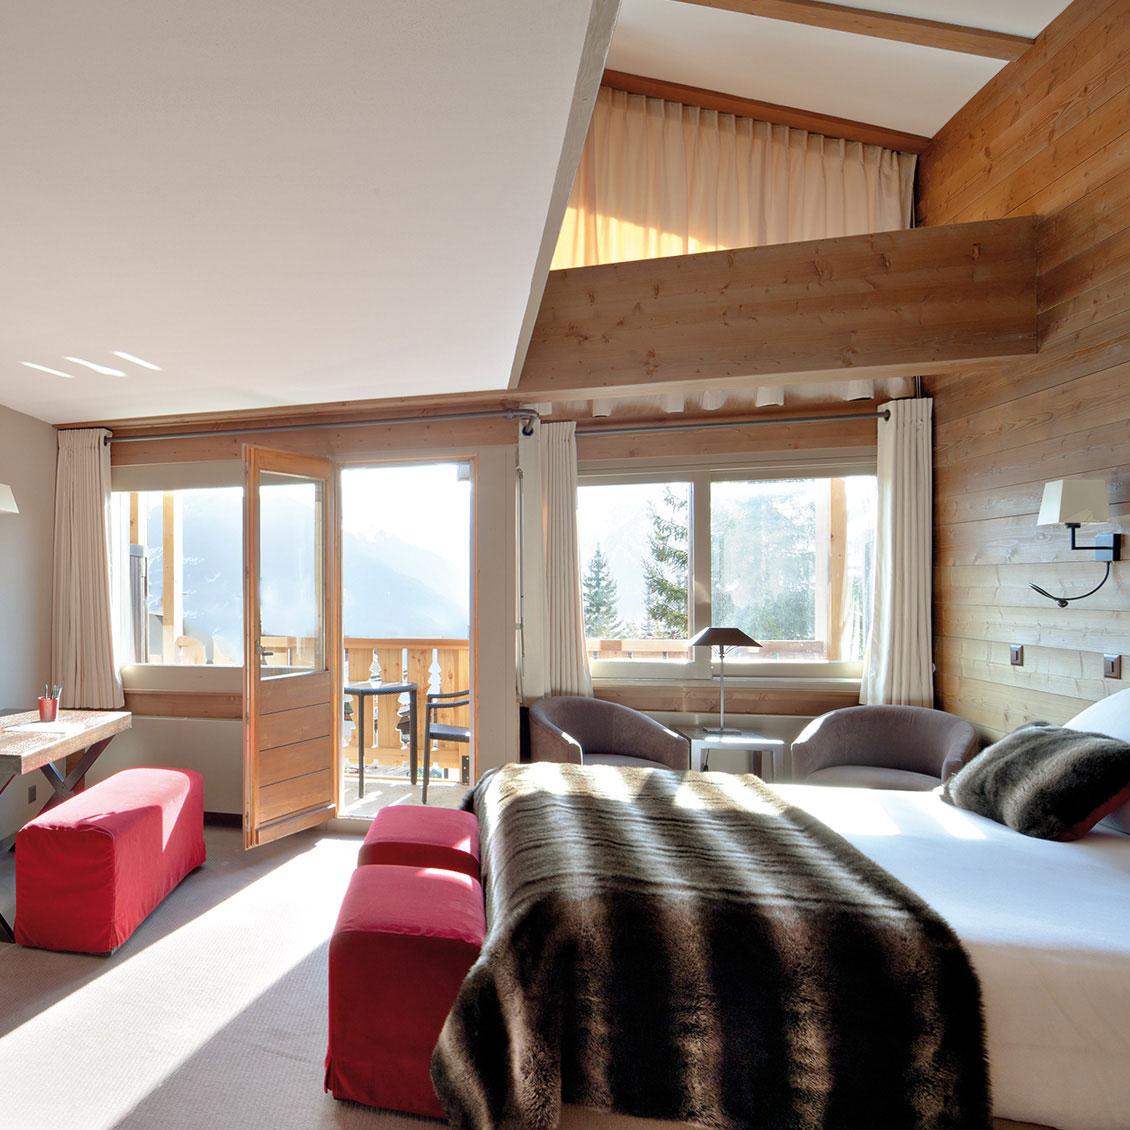 hotel-vanessa-jnr-suite2